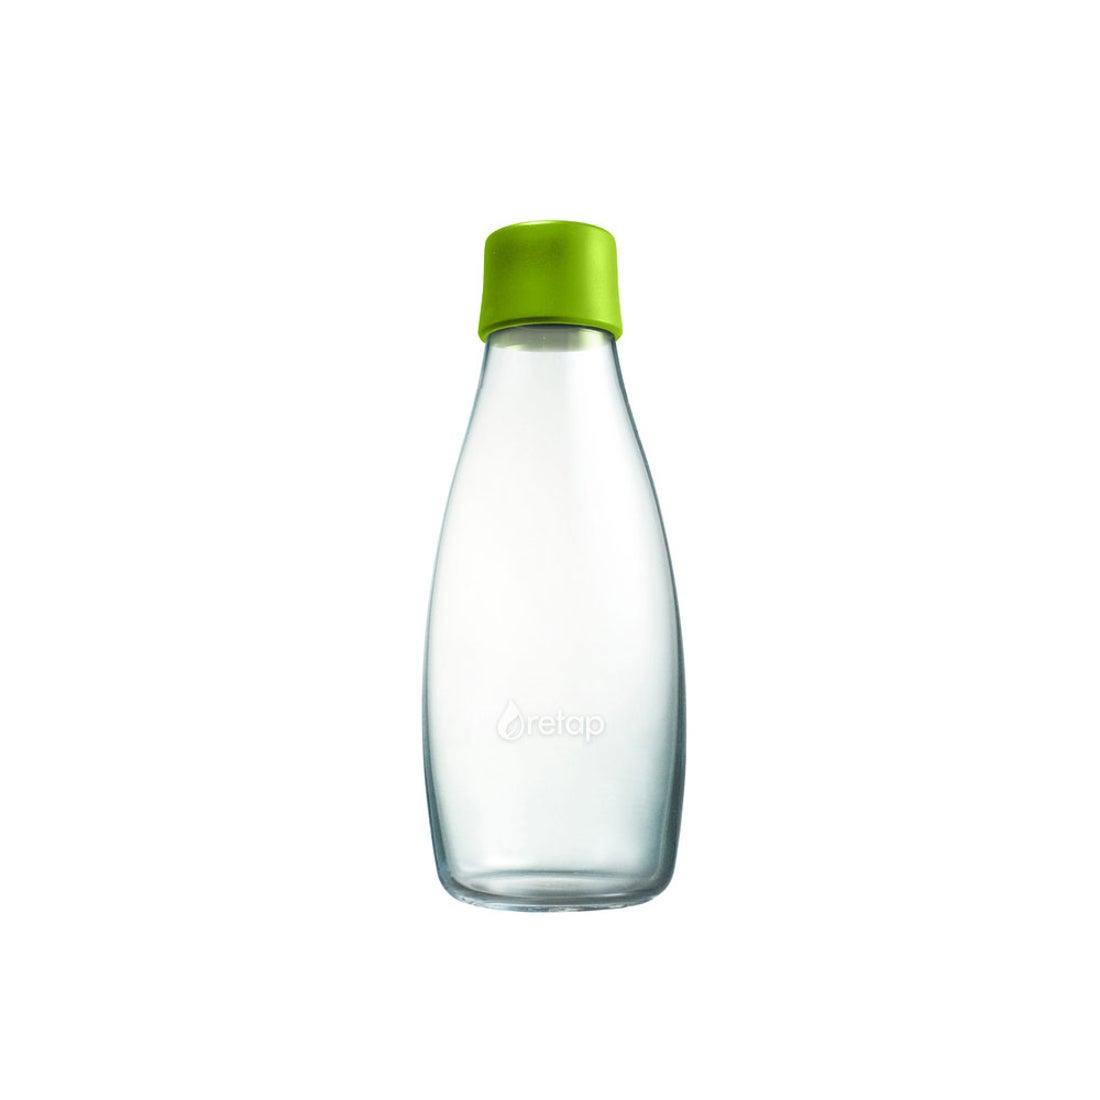 ノーブランド No Brand retapbottle05 リタップボトル 500ml (フォレストグリーン)